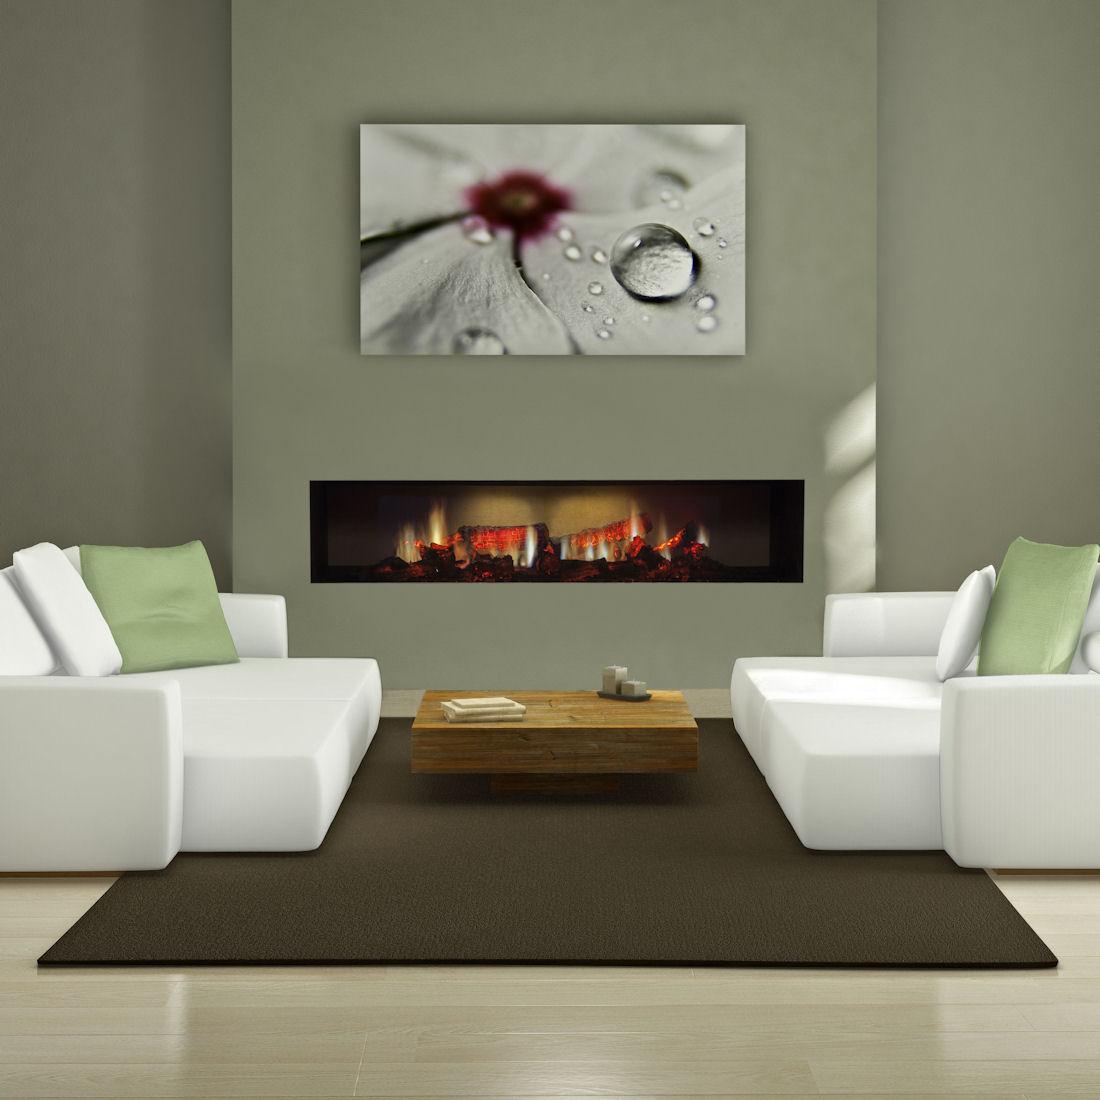 faber sk kamine berlin. Black Bedroom Furniture Sets. Home Design Ideas